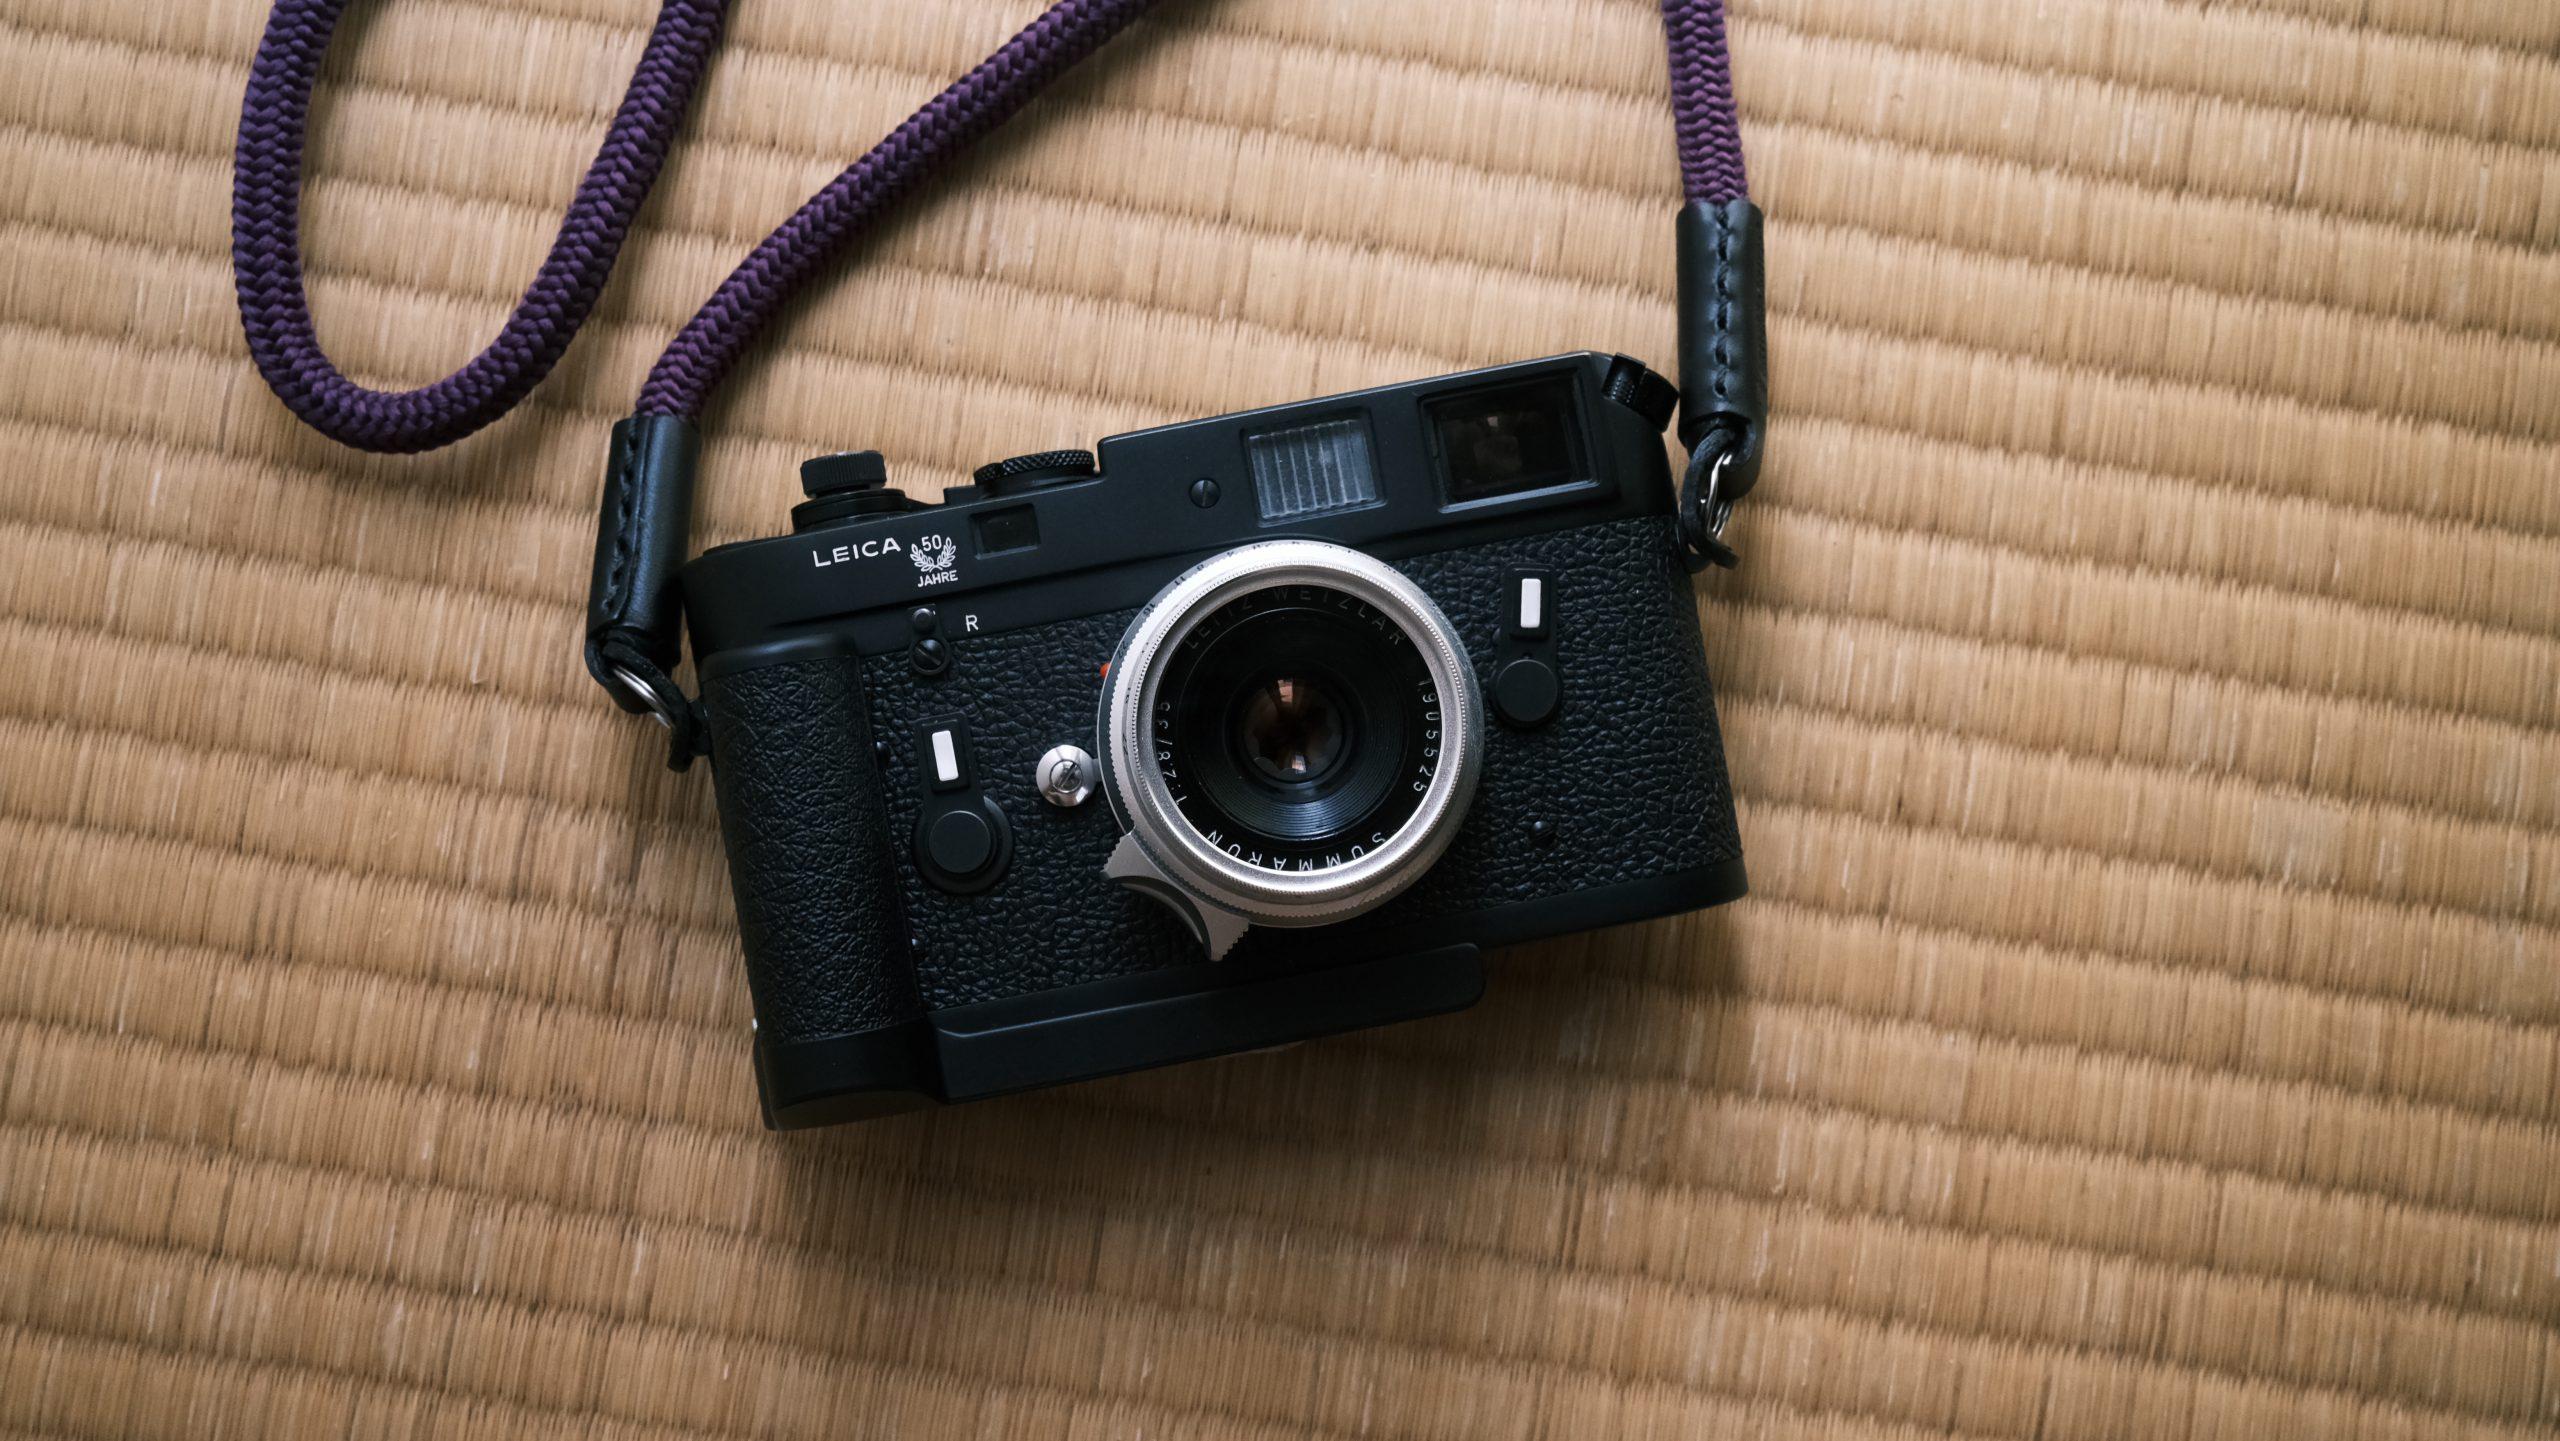 【Leica】ハンドグリップ14405でカメラをかっこよく持ち歩く